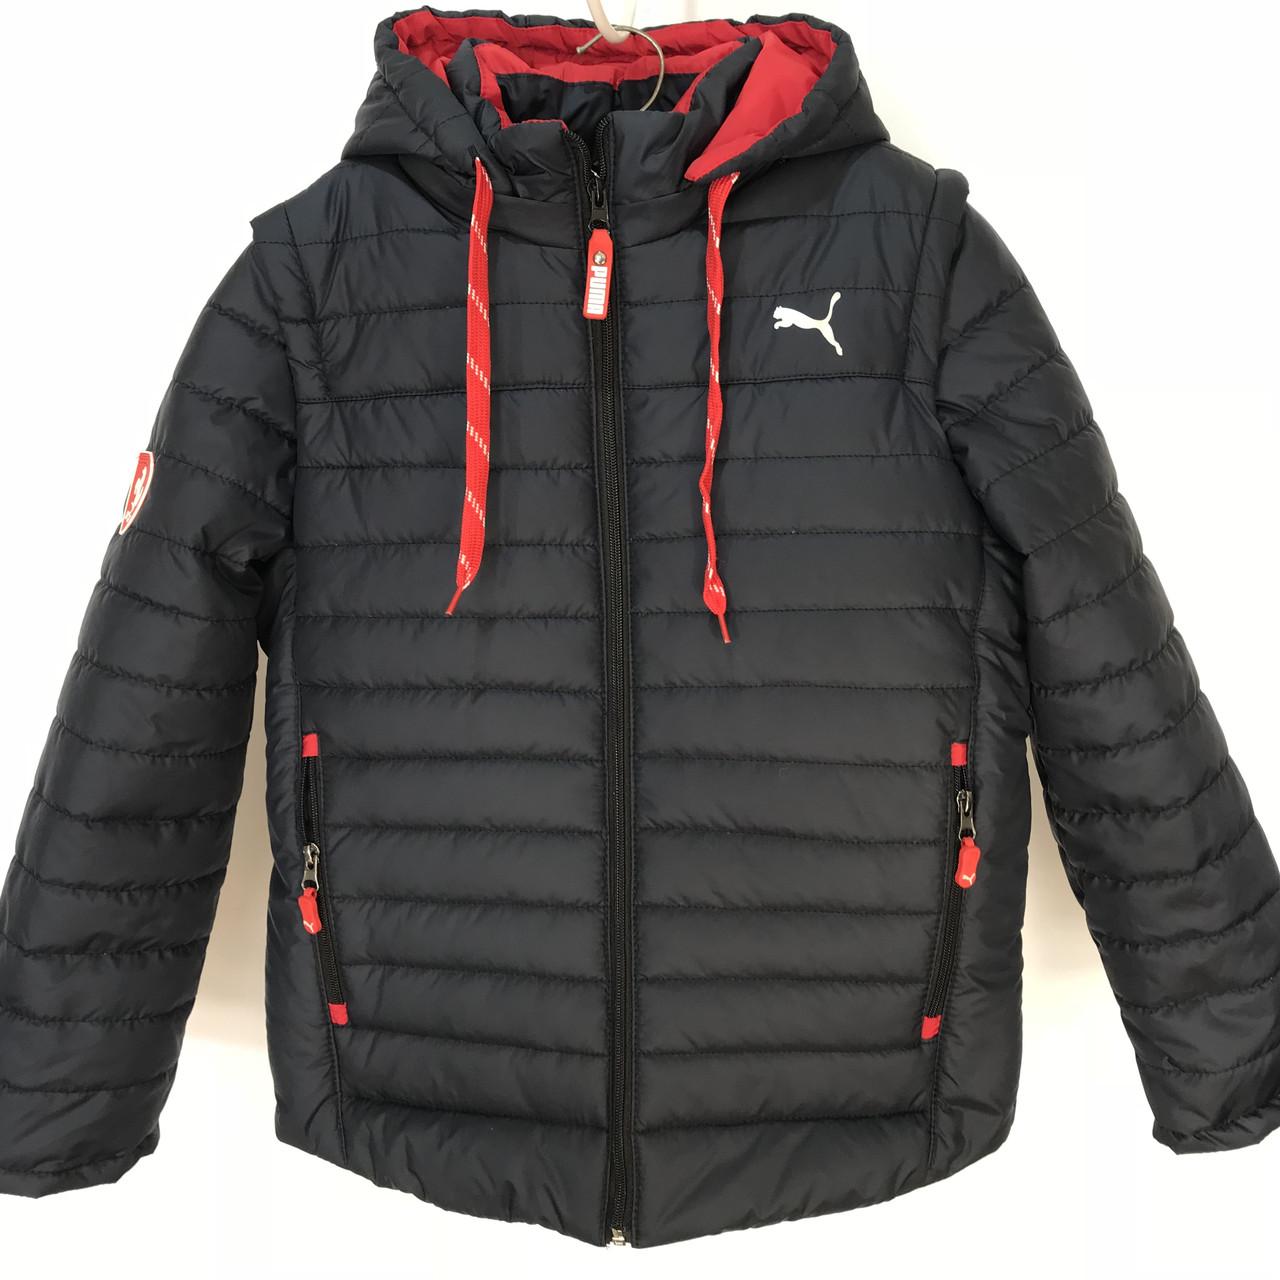 7eed541678da Куртка-жилетка подросток Puma   темно-синяя - Мужская спортивная одежда в  Запорожье